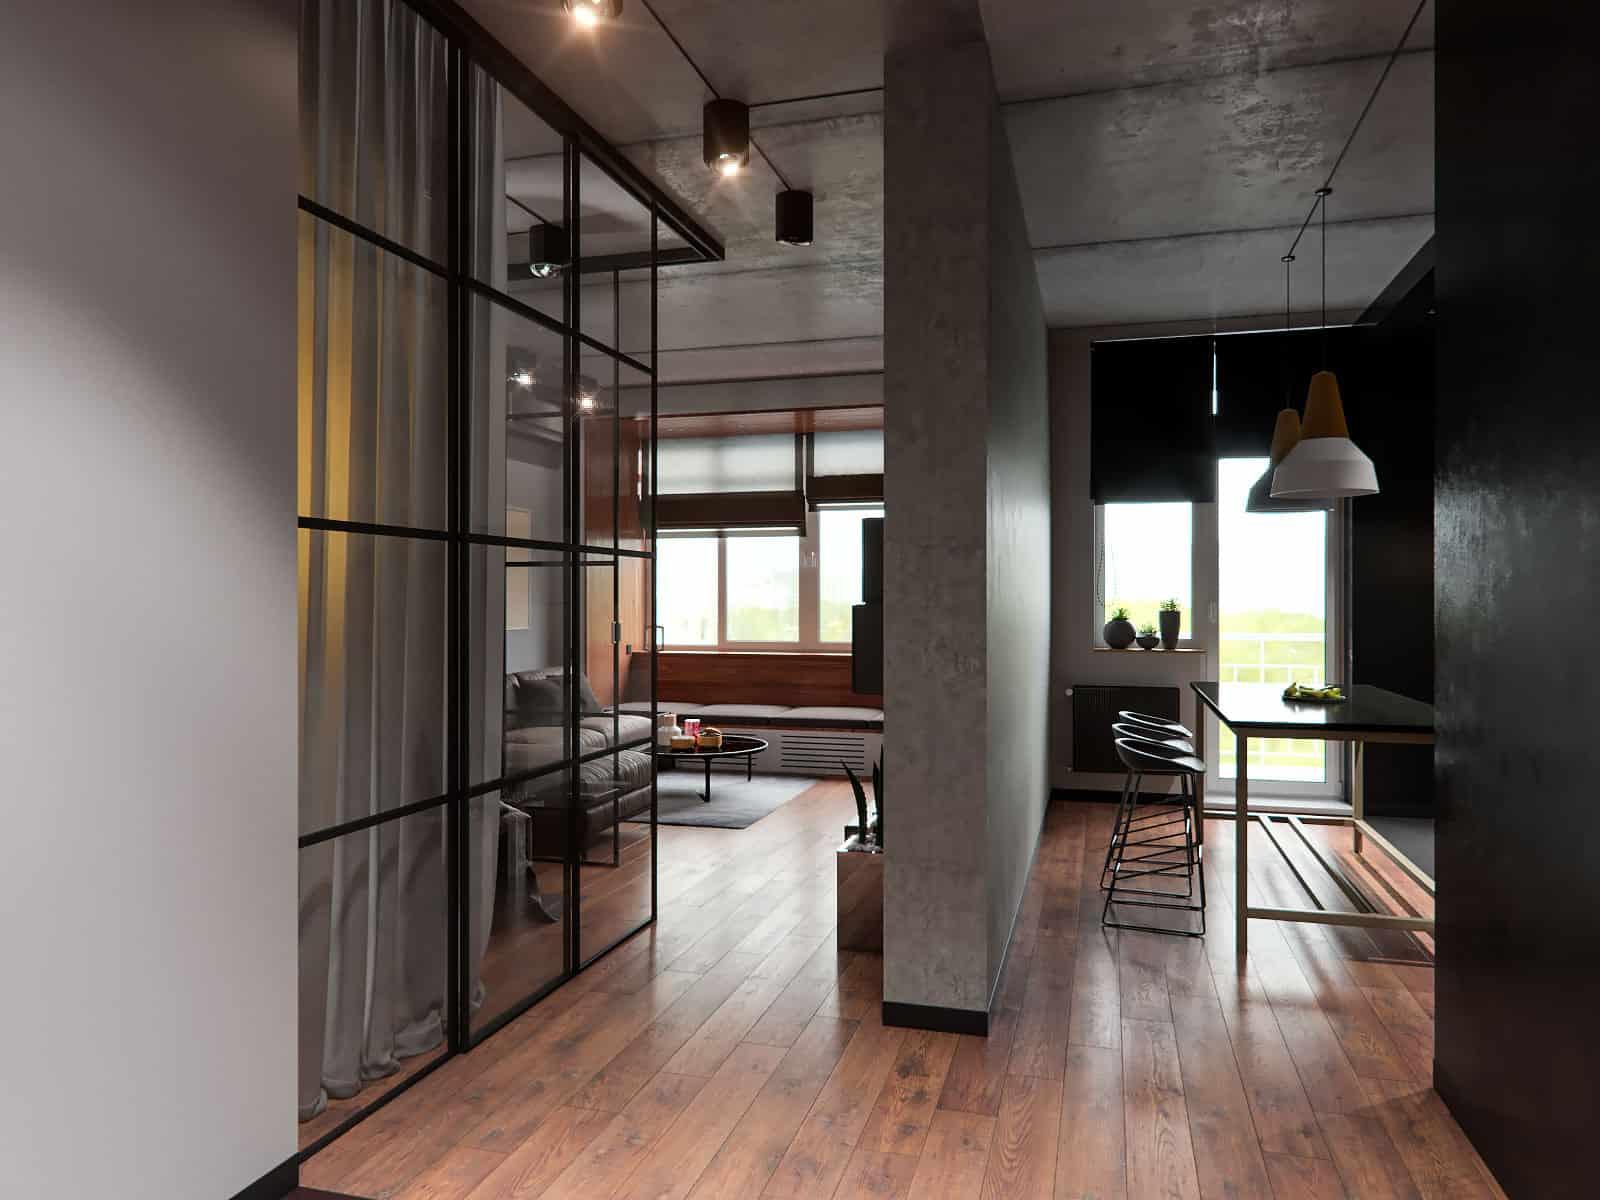 Mooseberry Design Group Creates a Contemporary Interior in Odessa ...